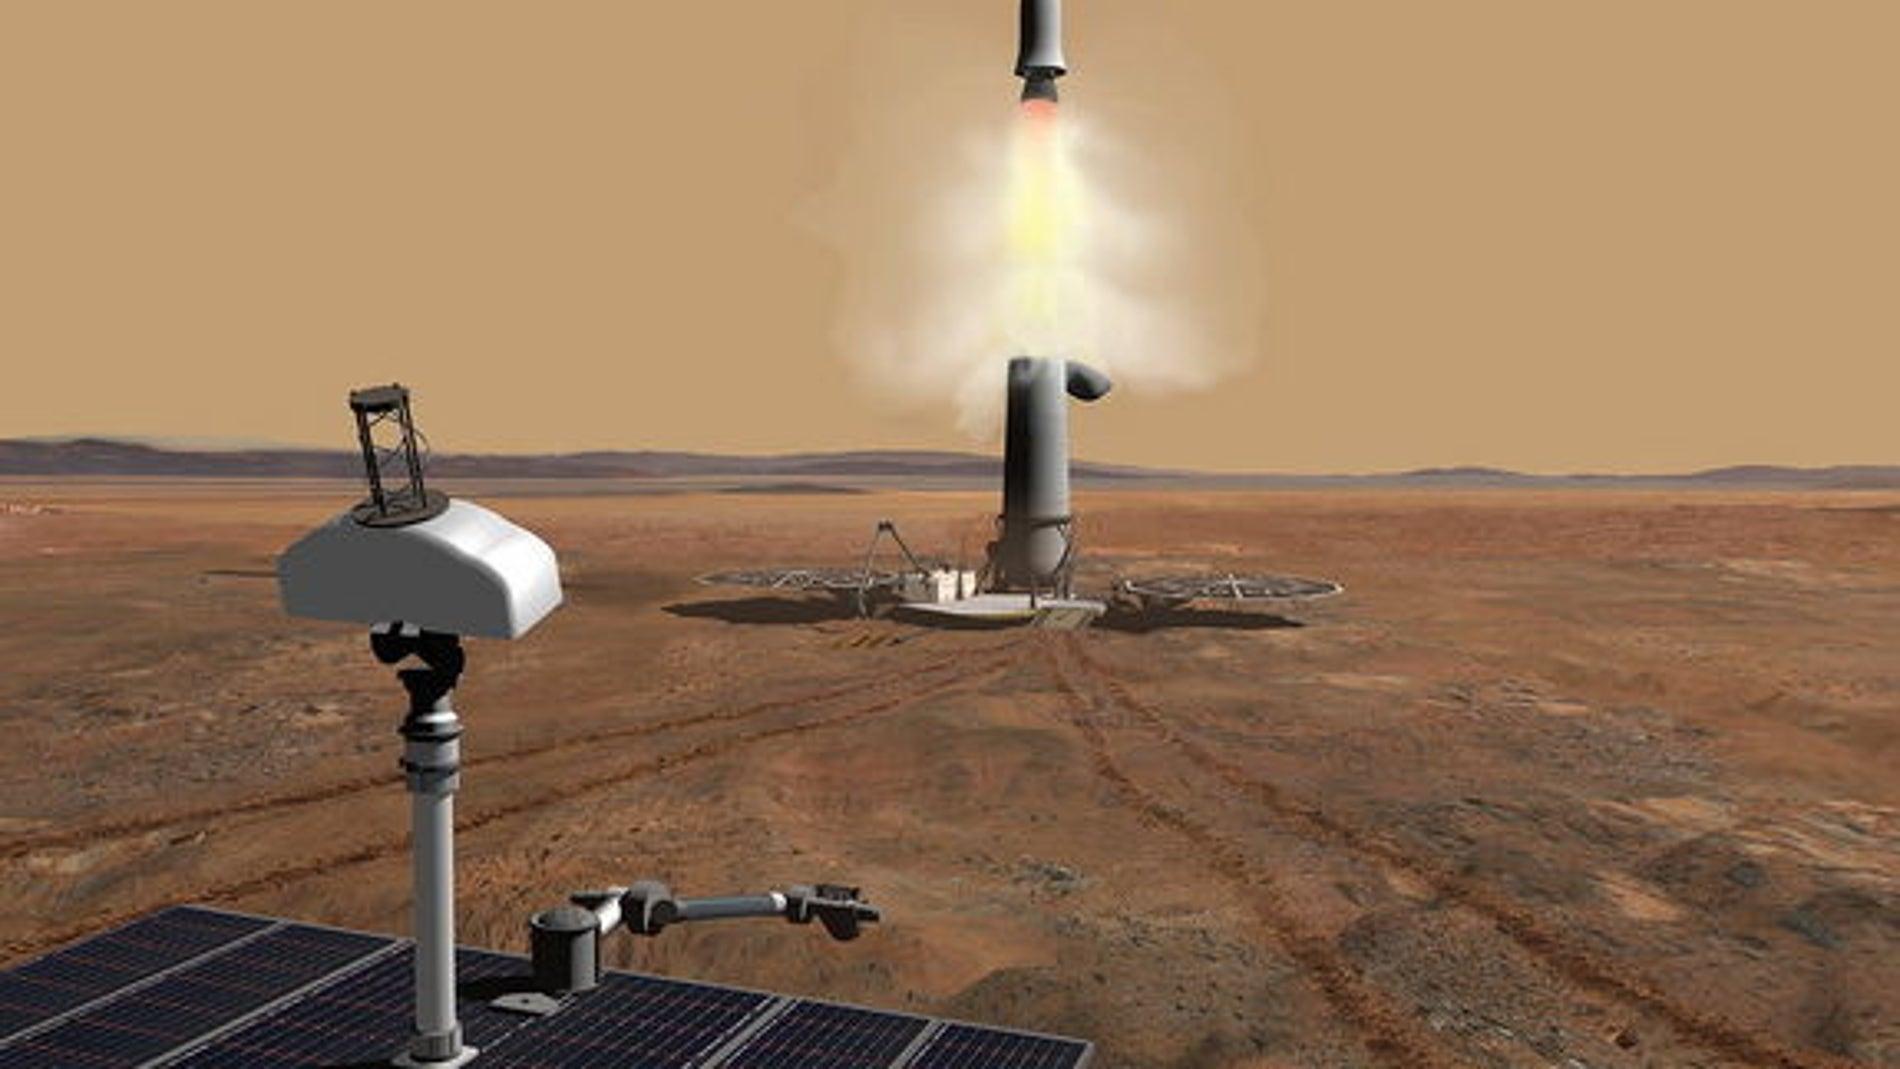 Diseño por ordenador del cohete para la recogida y posterior traslado de muestras extraplanetarias